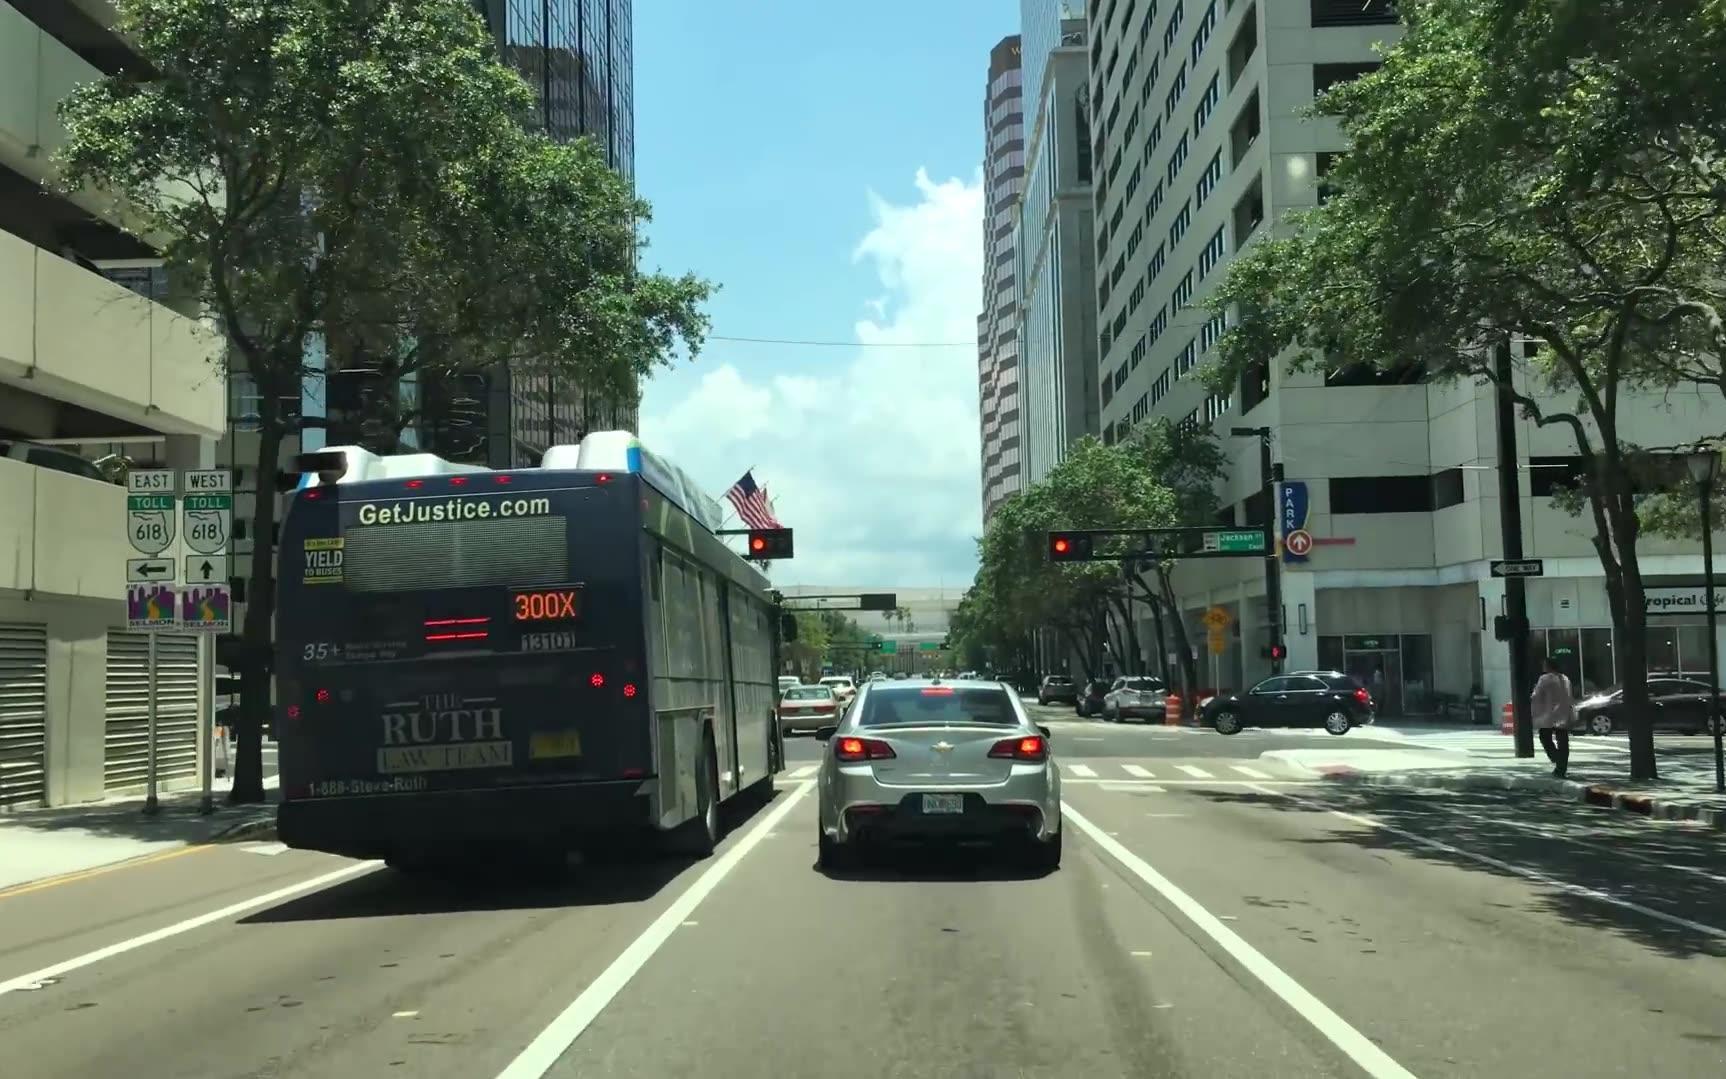 【超清美国】第一视角美国佛罗里达坦帕市街景 Drive 2018.8